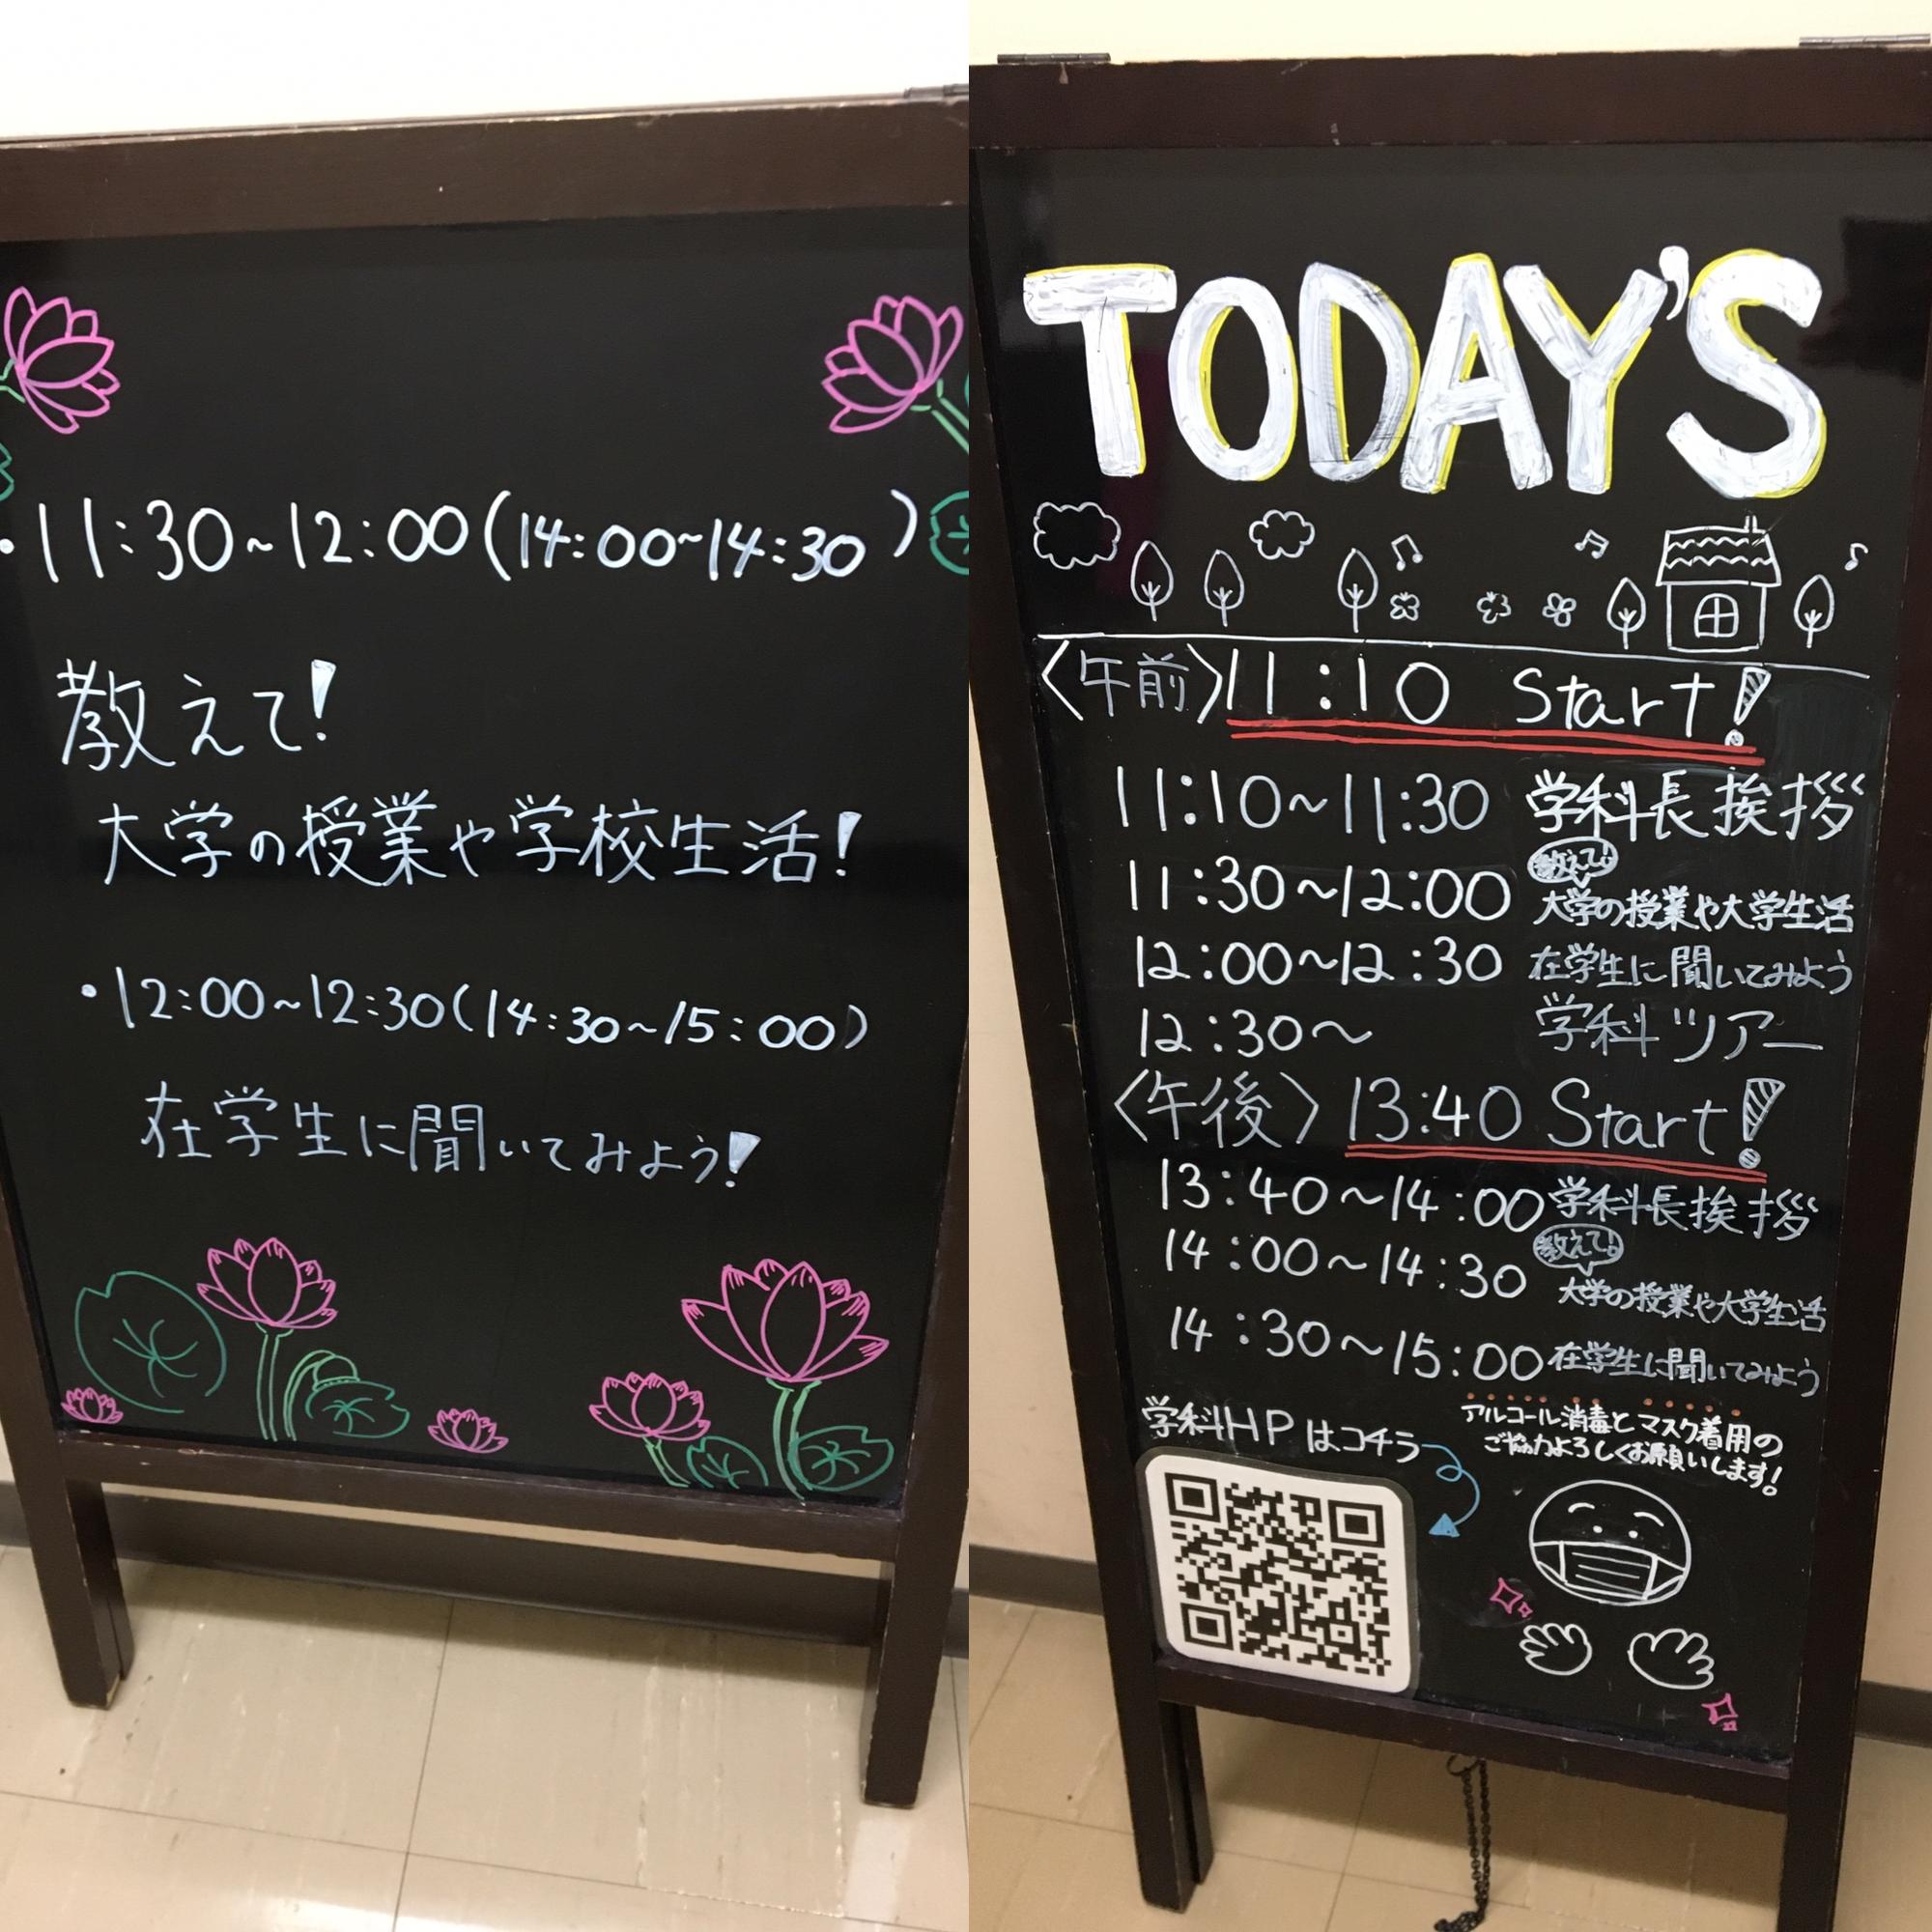 ☆彡8月9日オープンキャンパス開催!!